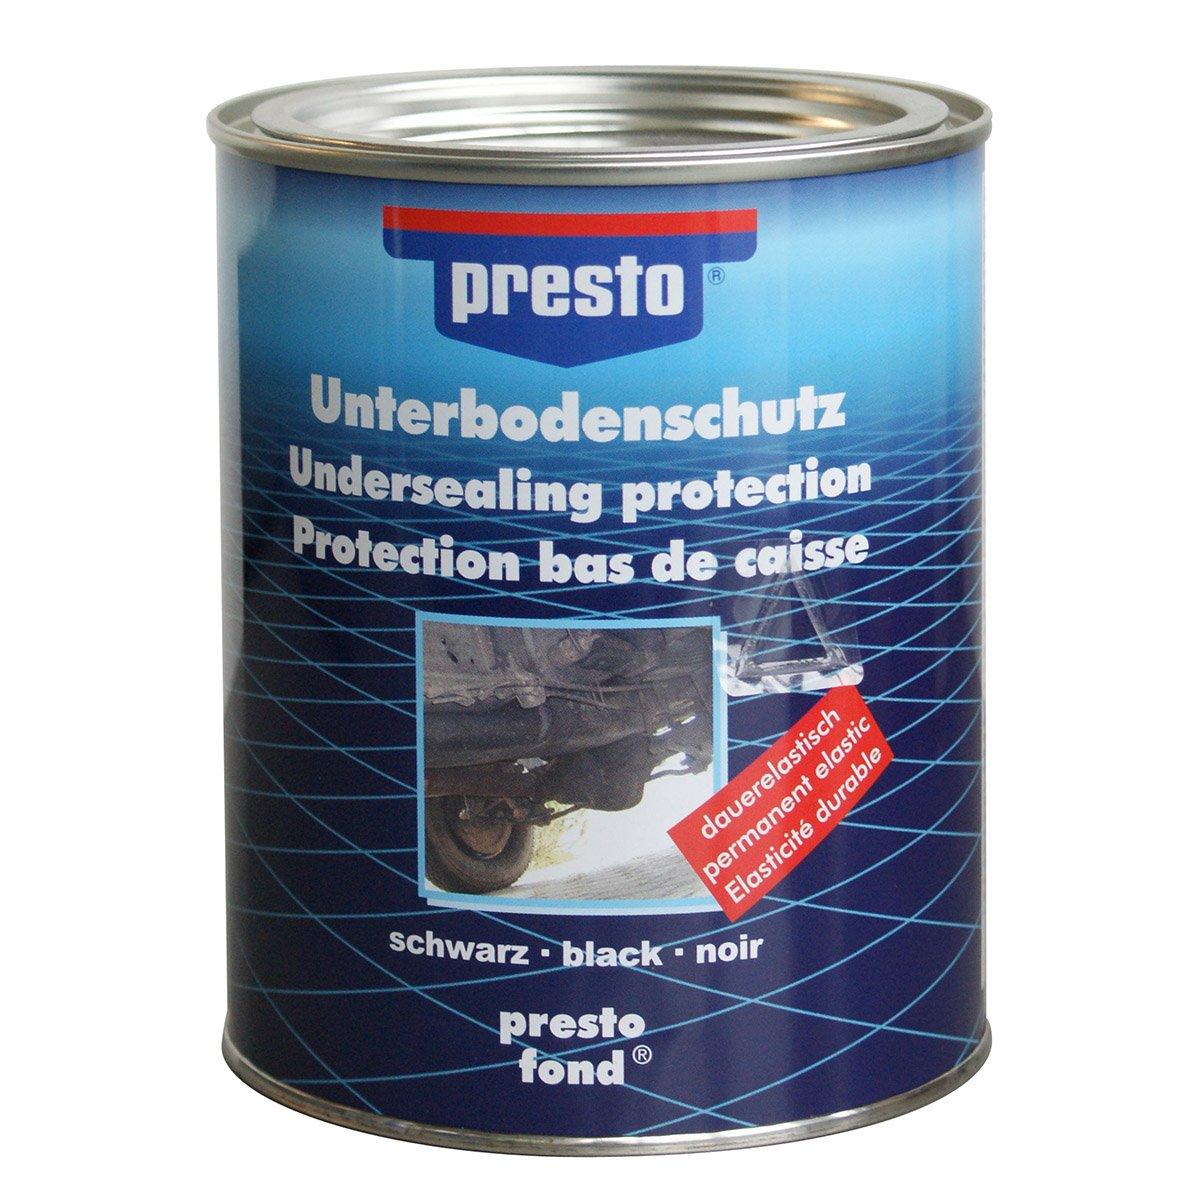 Presto 603253 UBS Bitumen, 1.3 kg, Schwarz MOTIP-DUPLI GmbH